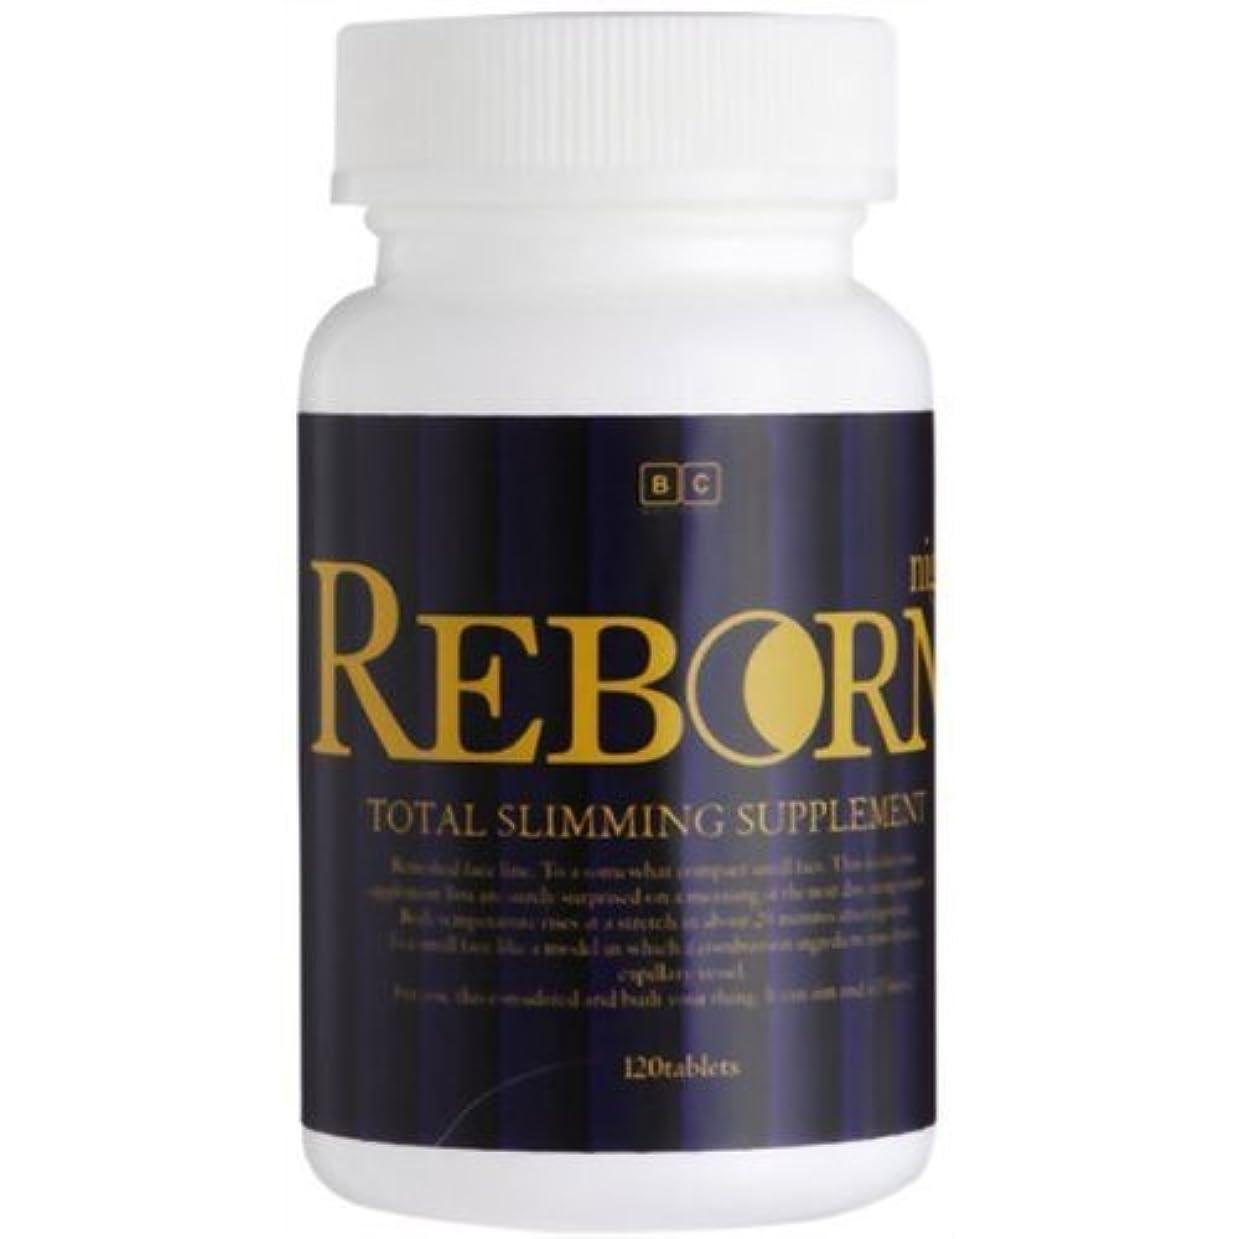 活性化する効率さわやかお得な5個セット7日間飲んで寝るだけで night REBORN ナイトリボーン 120粒 5か月分